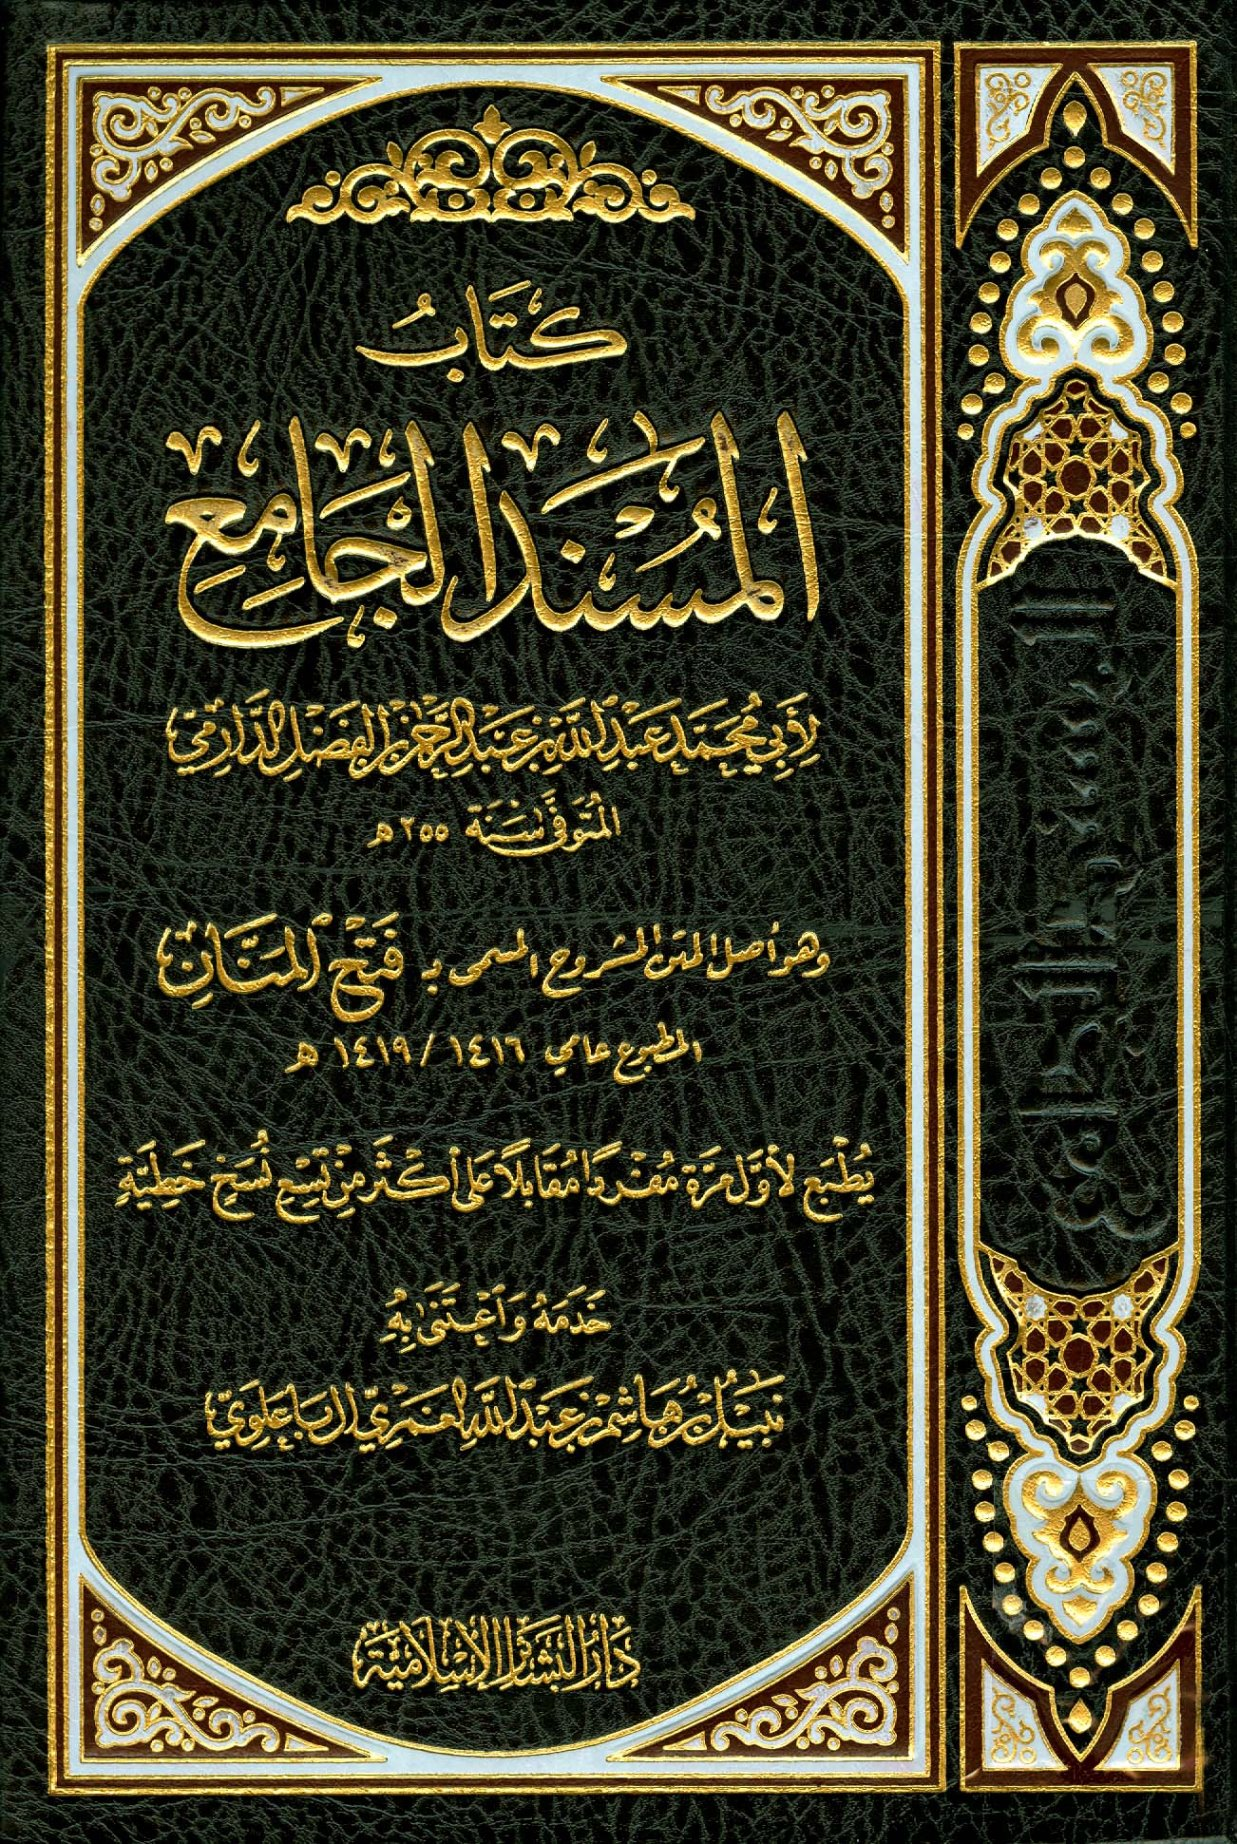 كتاب  المسند الجامع (سنن الدارمي) (ت: الغمري)